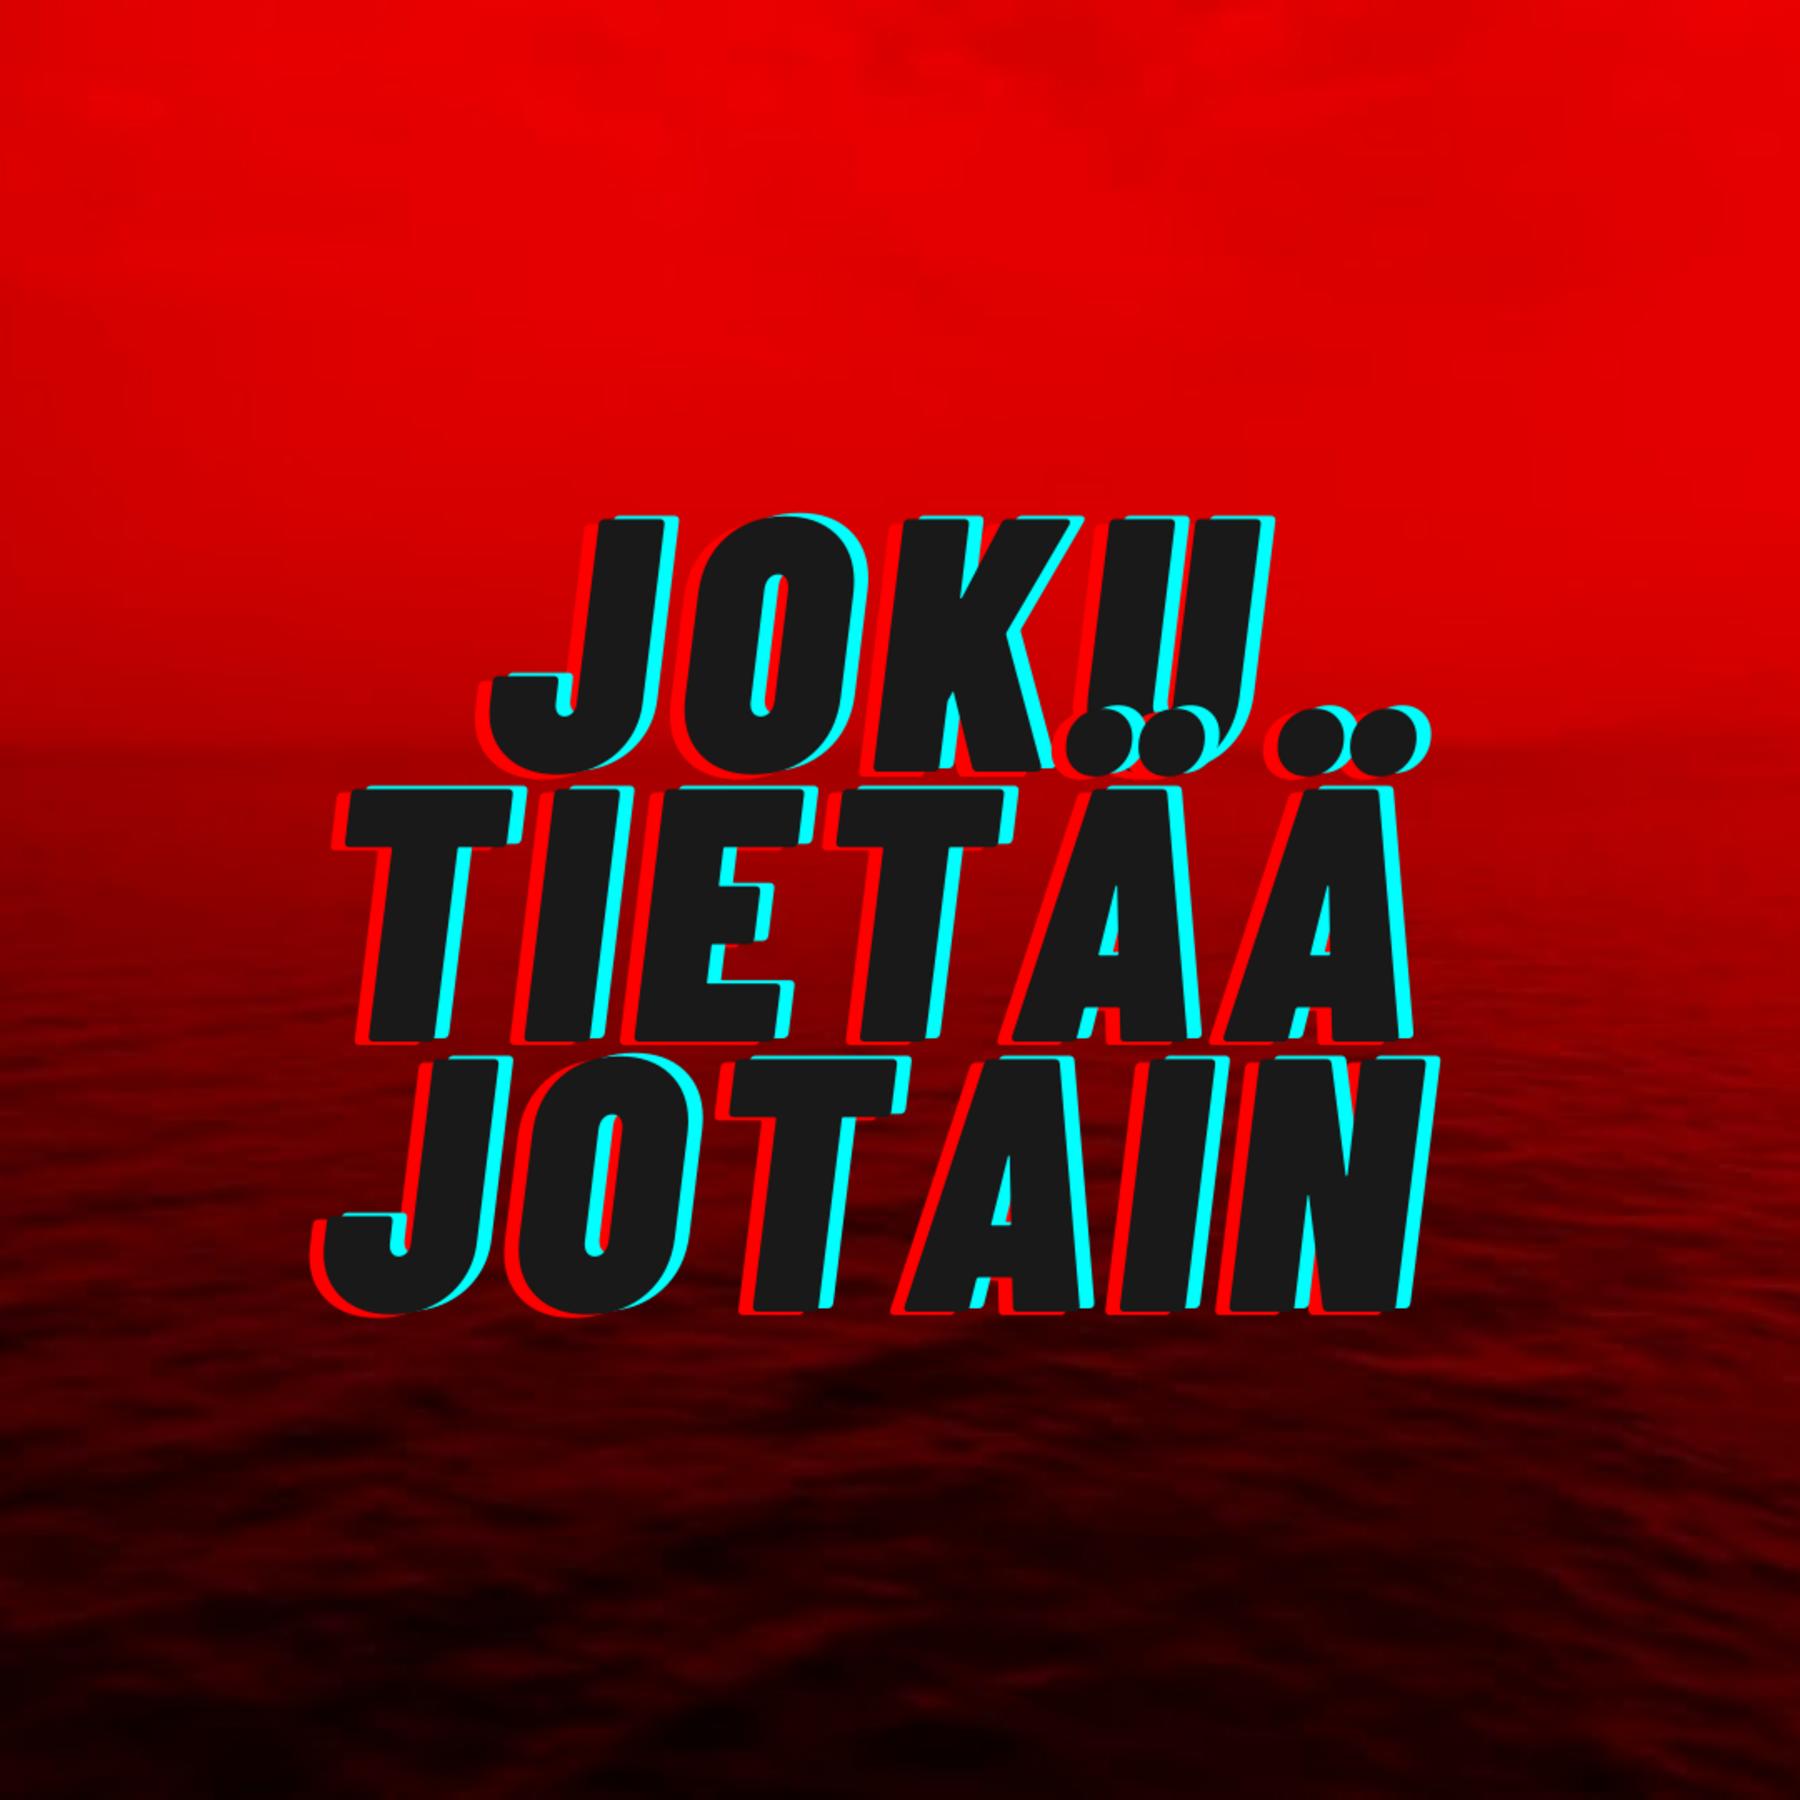 JOKU TIETÄÄ JOTAIN